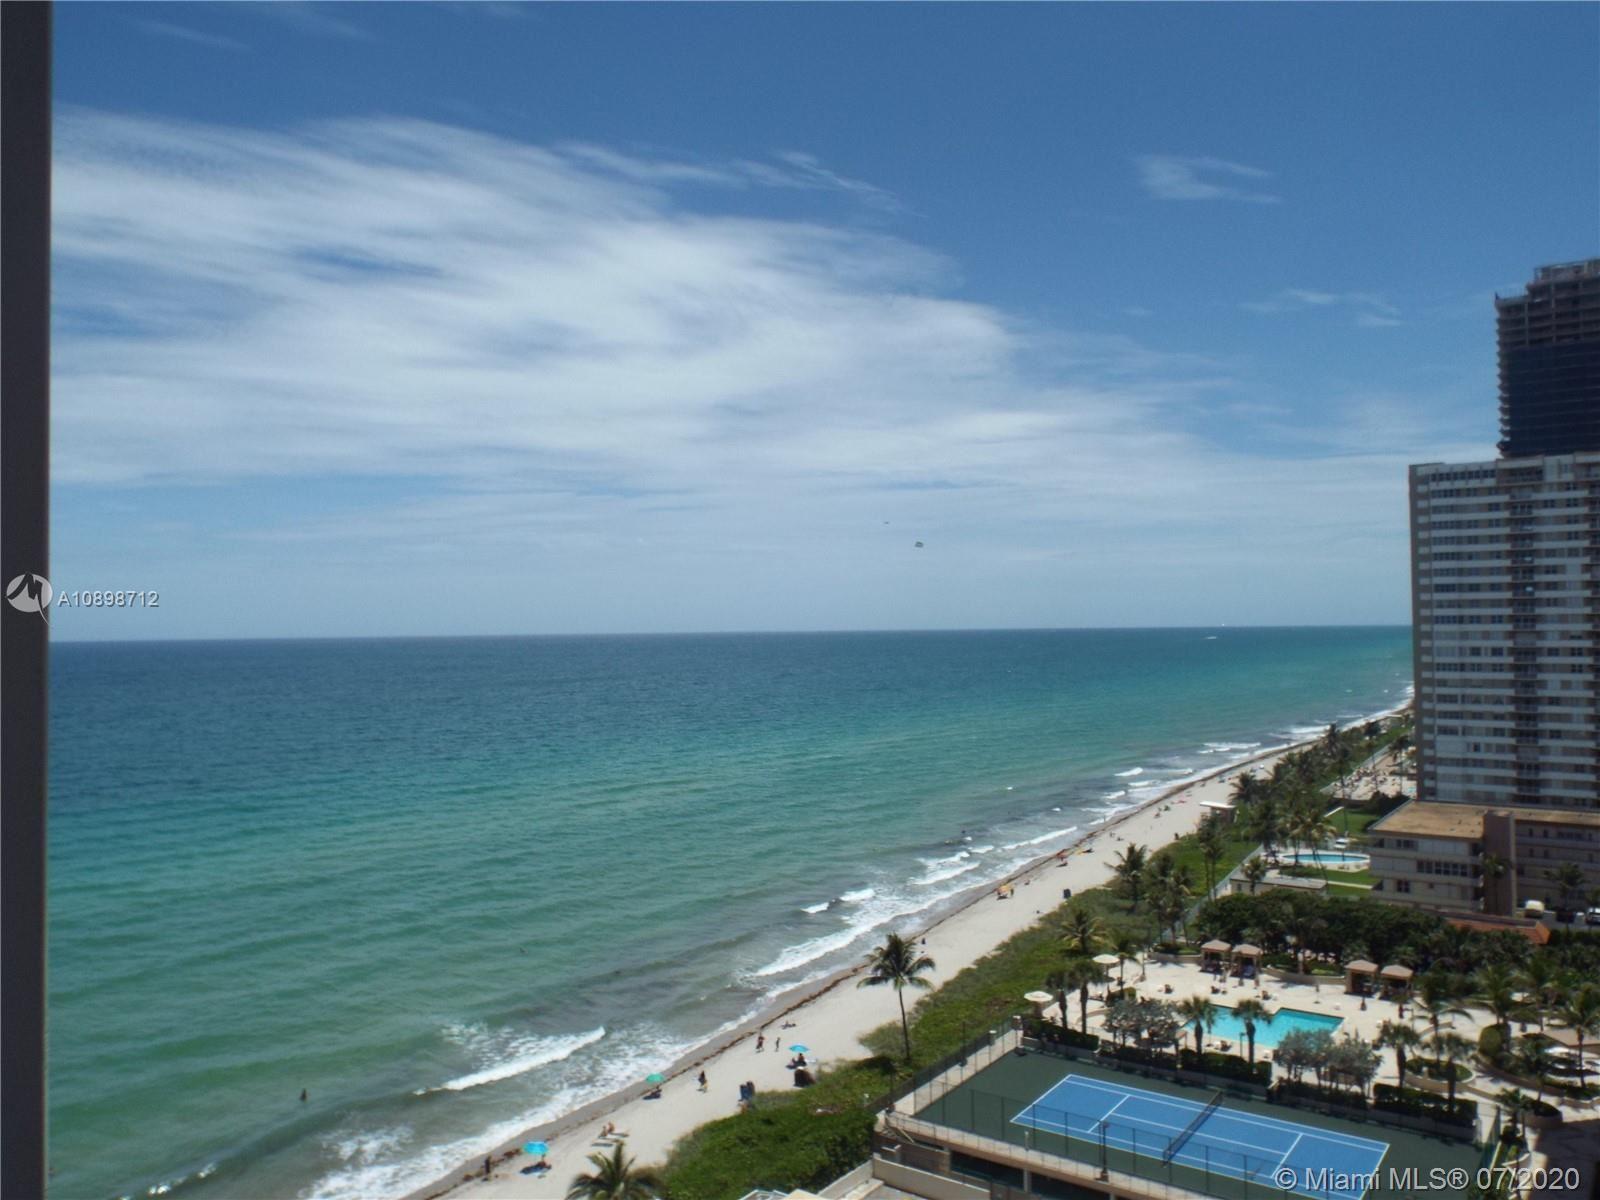 1890 S Ocean Dr #1606, Hallandale Beach, FL 33009 - #: A10898712